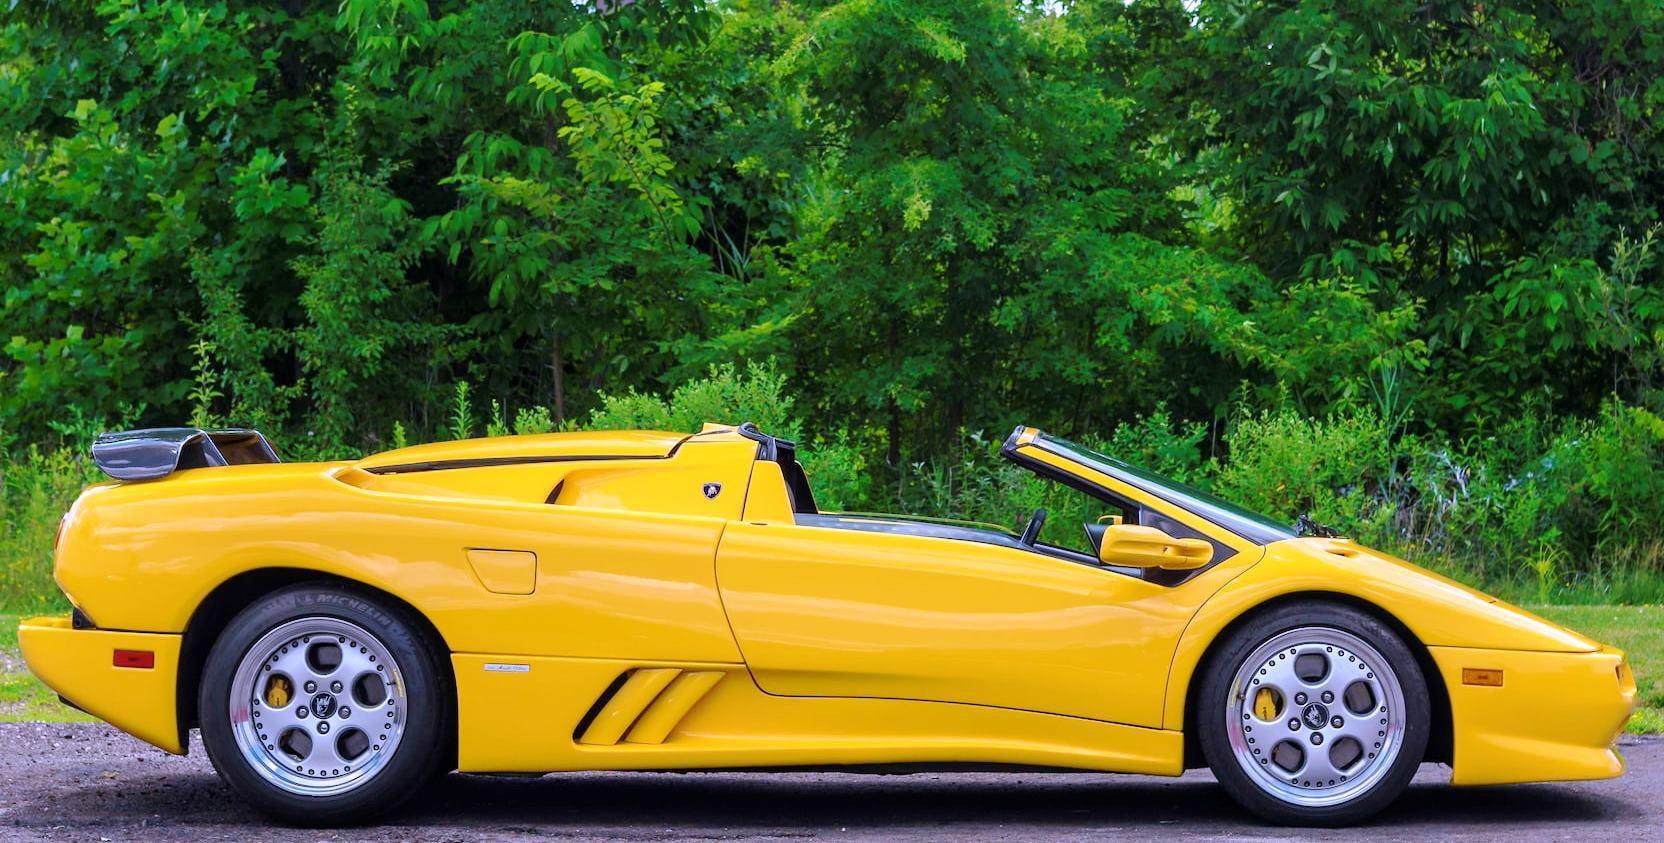 voitures-de-sports-qui-auront-25-ans-aujourd-hui-1269-57.jpg